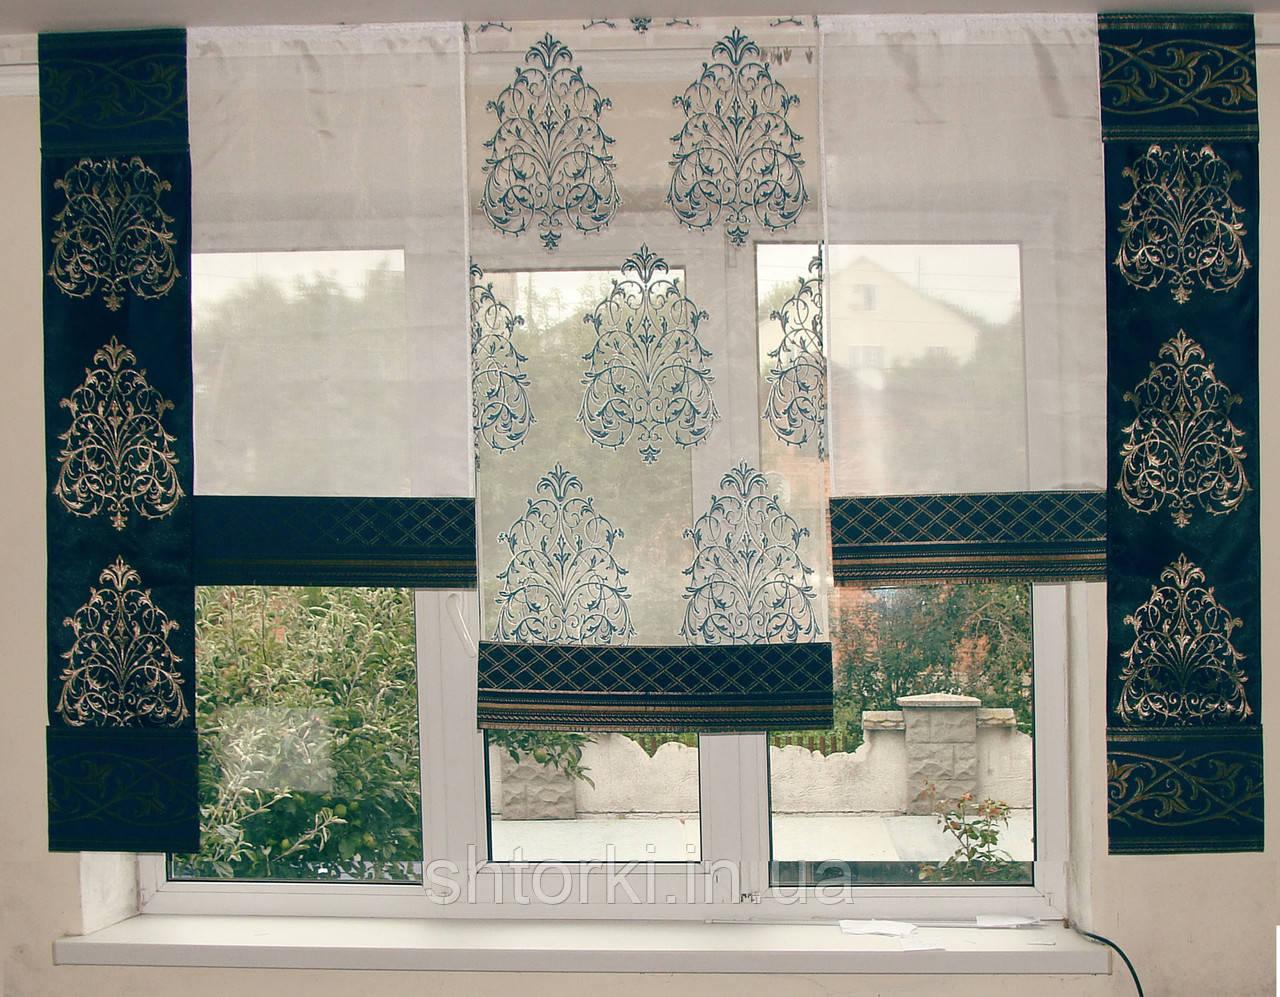 Комплект панельных шторок синие коронки, 2м